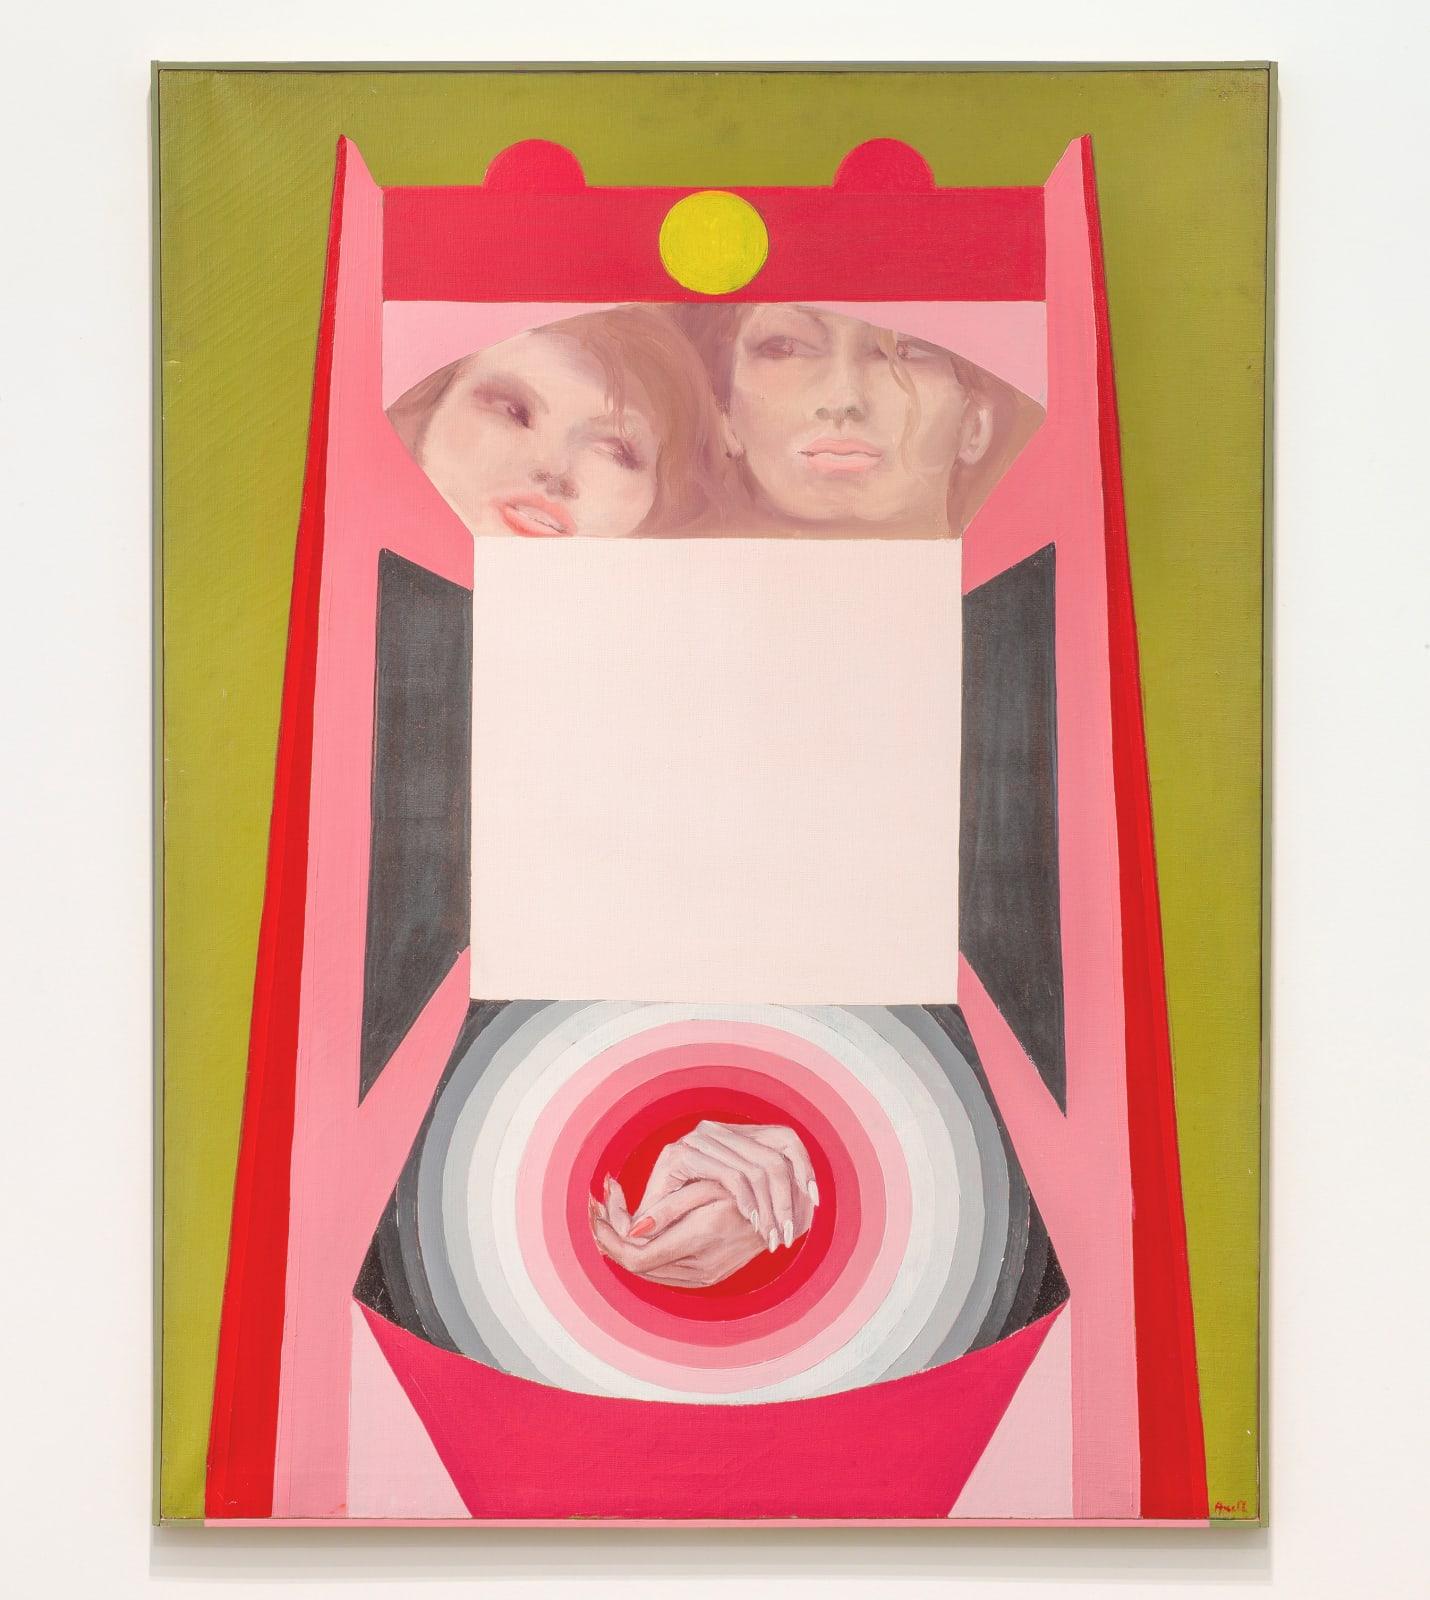 EVELYNE AXELL, Erotomobile III, 1966